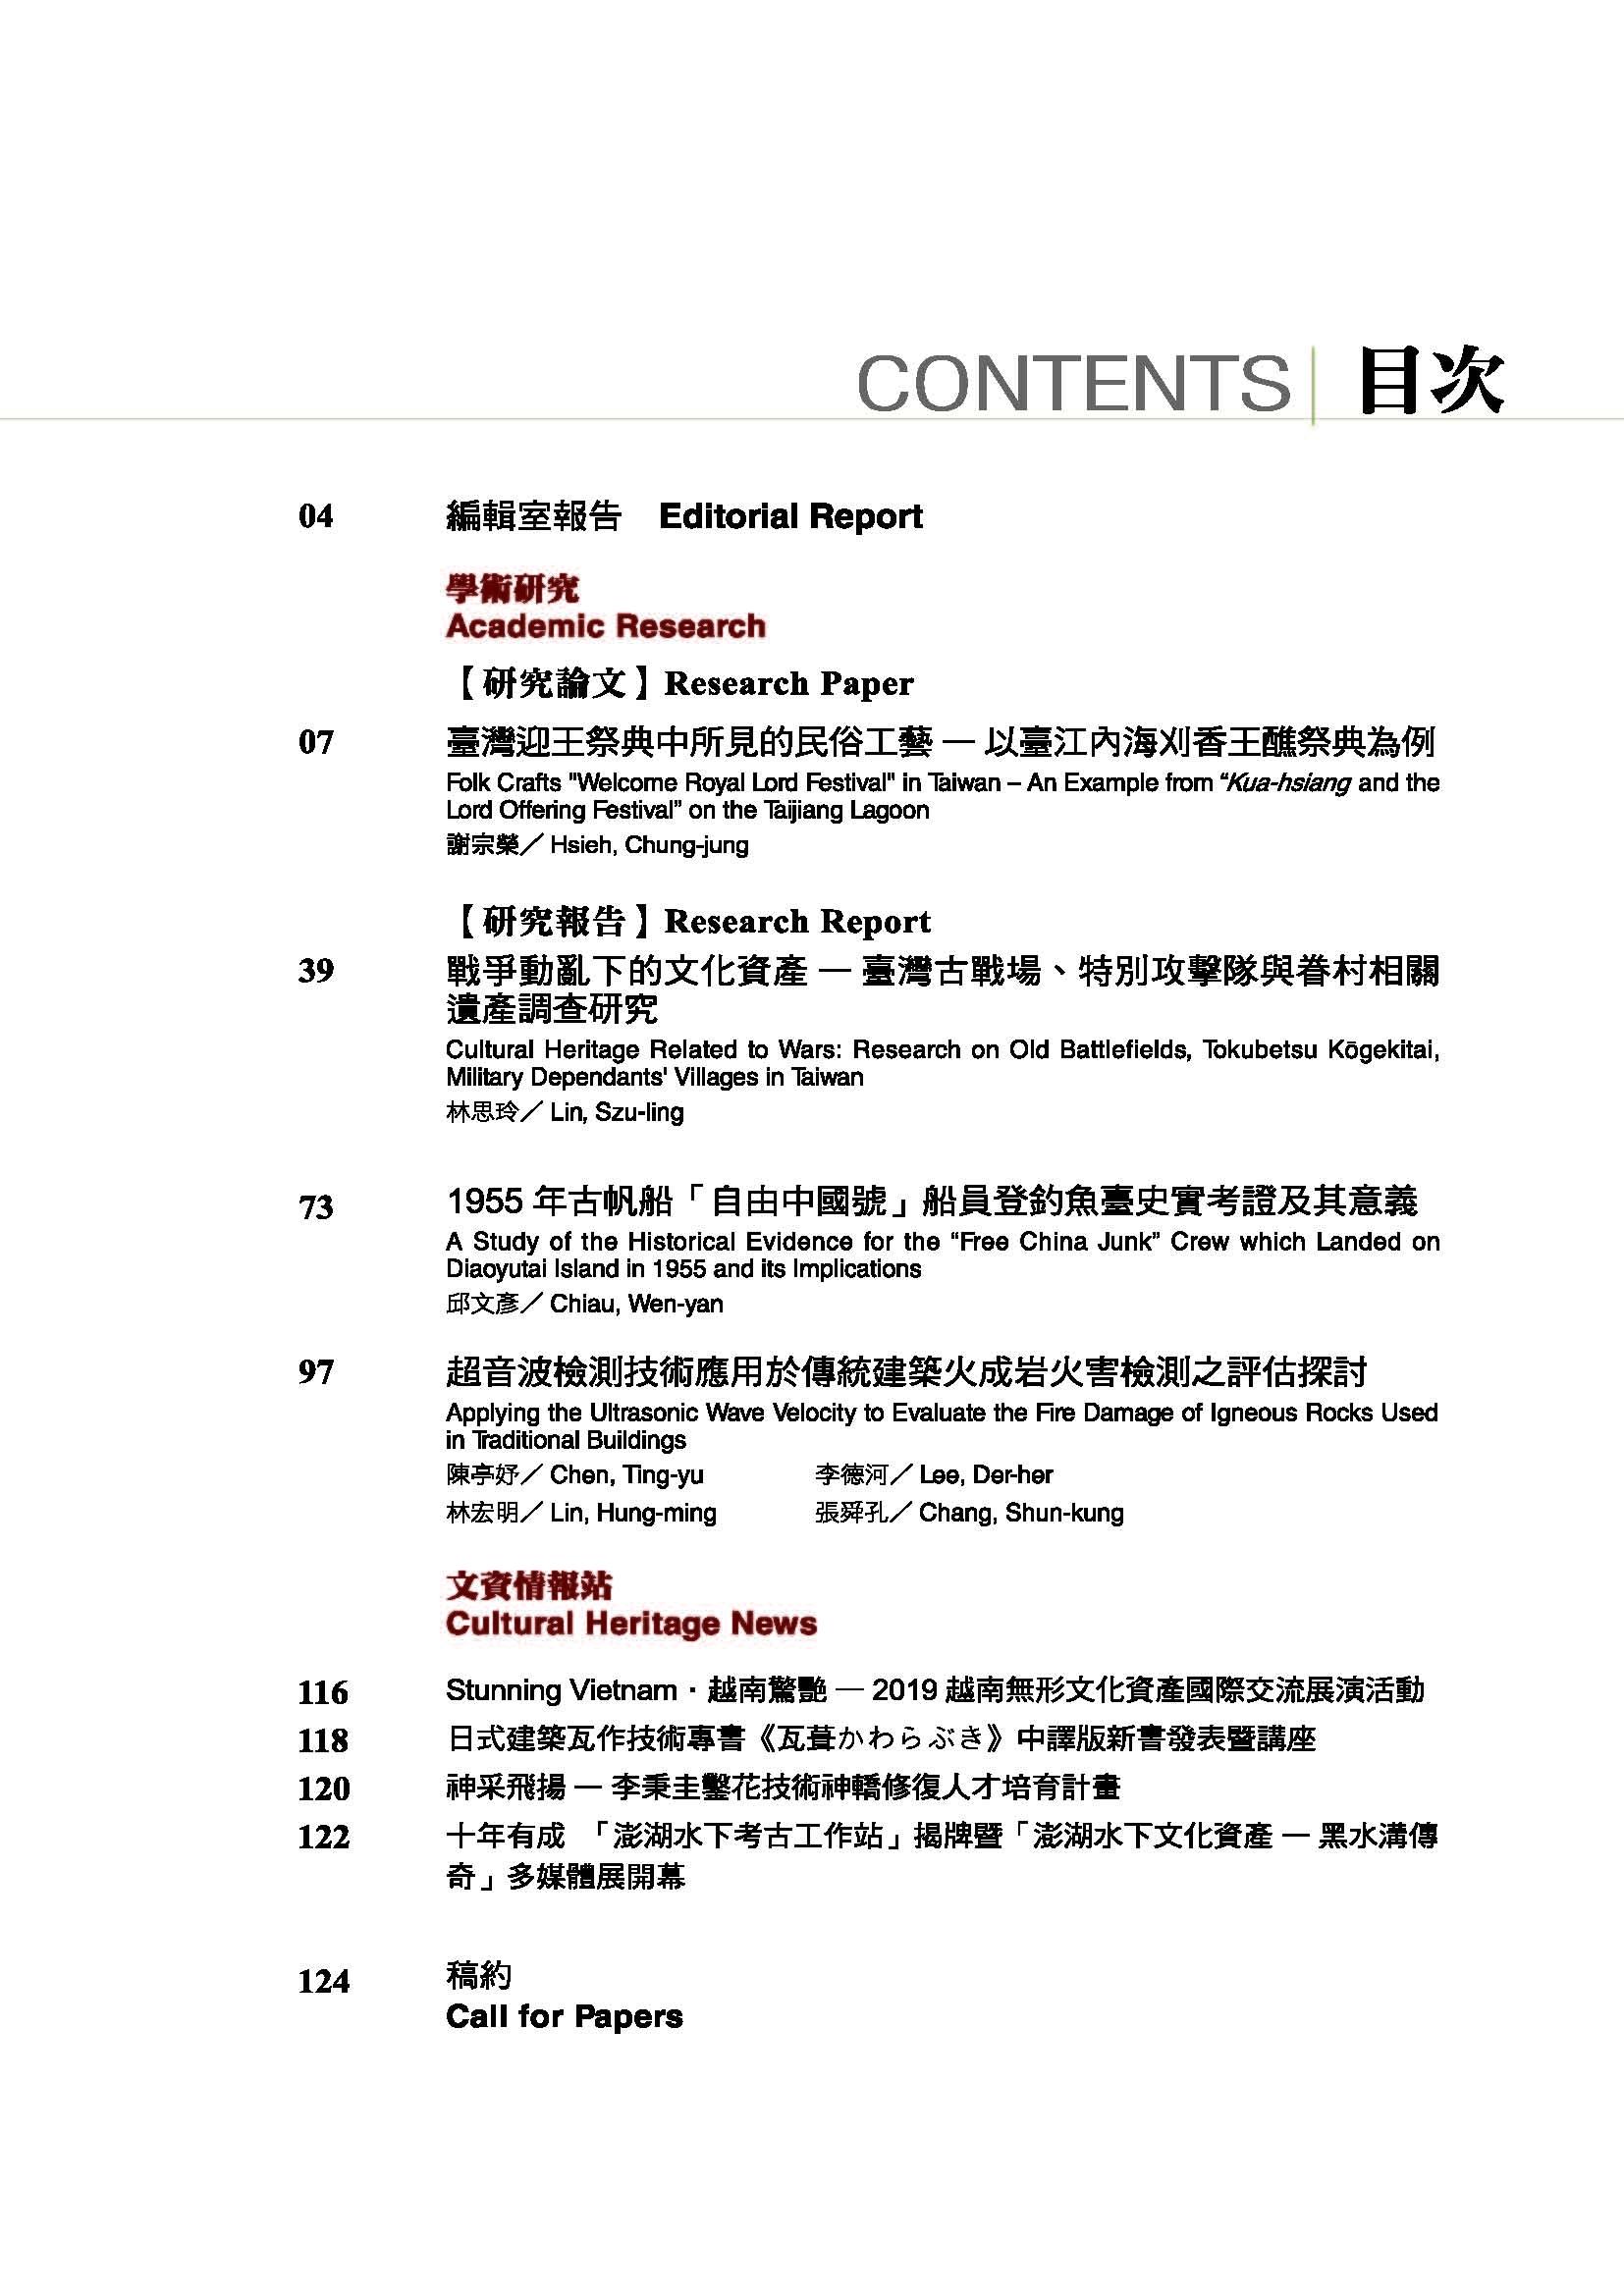 學刊_第47期_001版權頁+目次_單頁_頁面_2.jpg